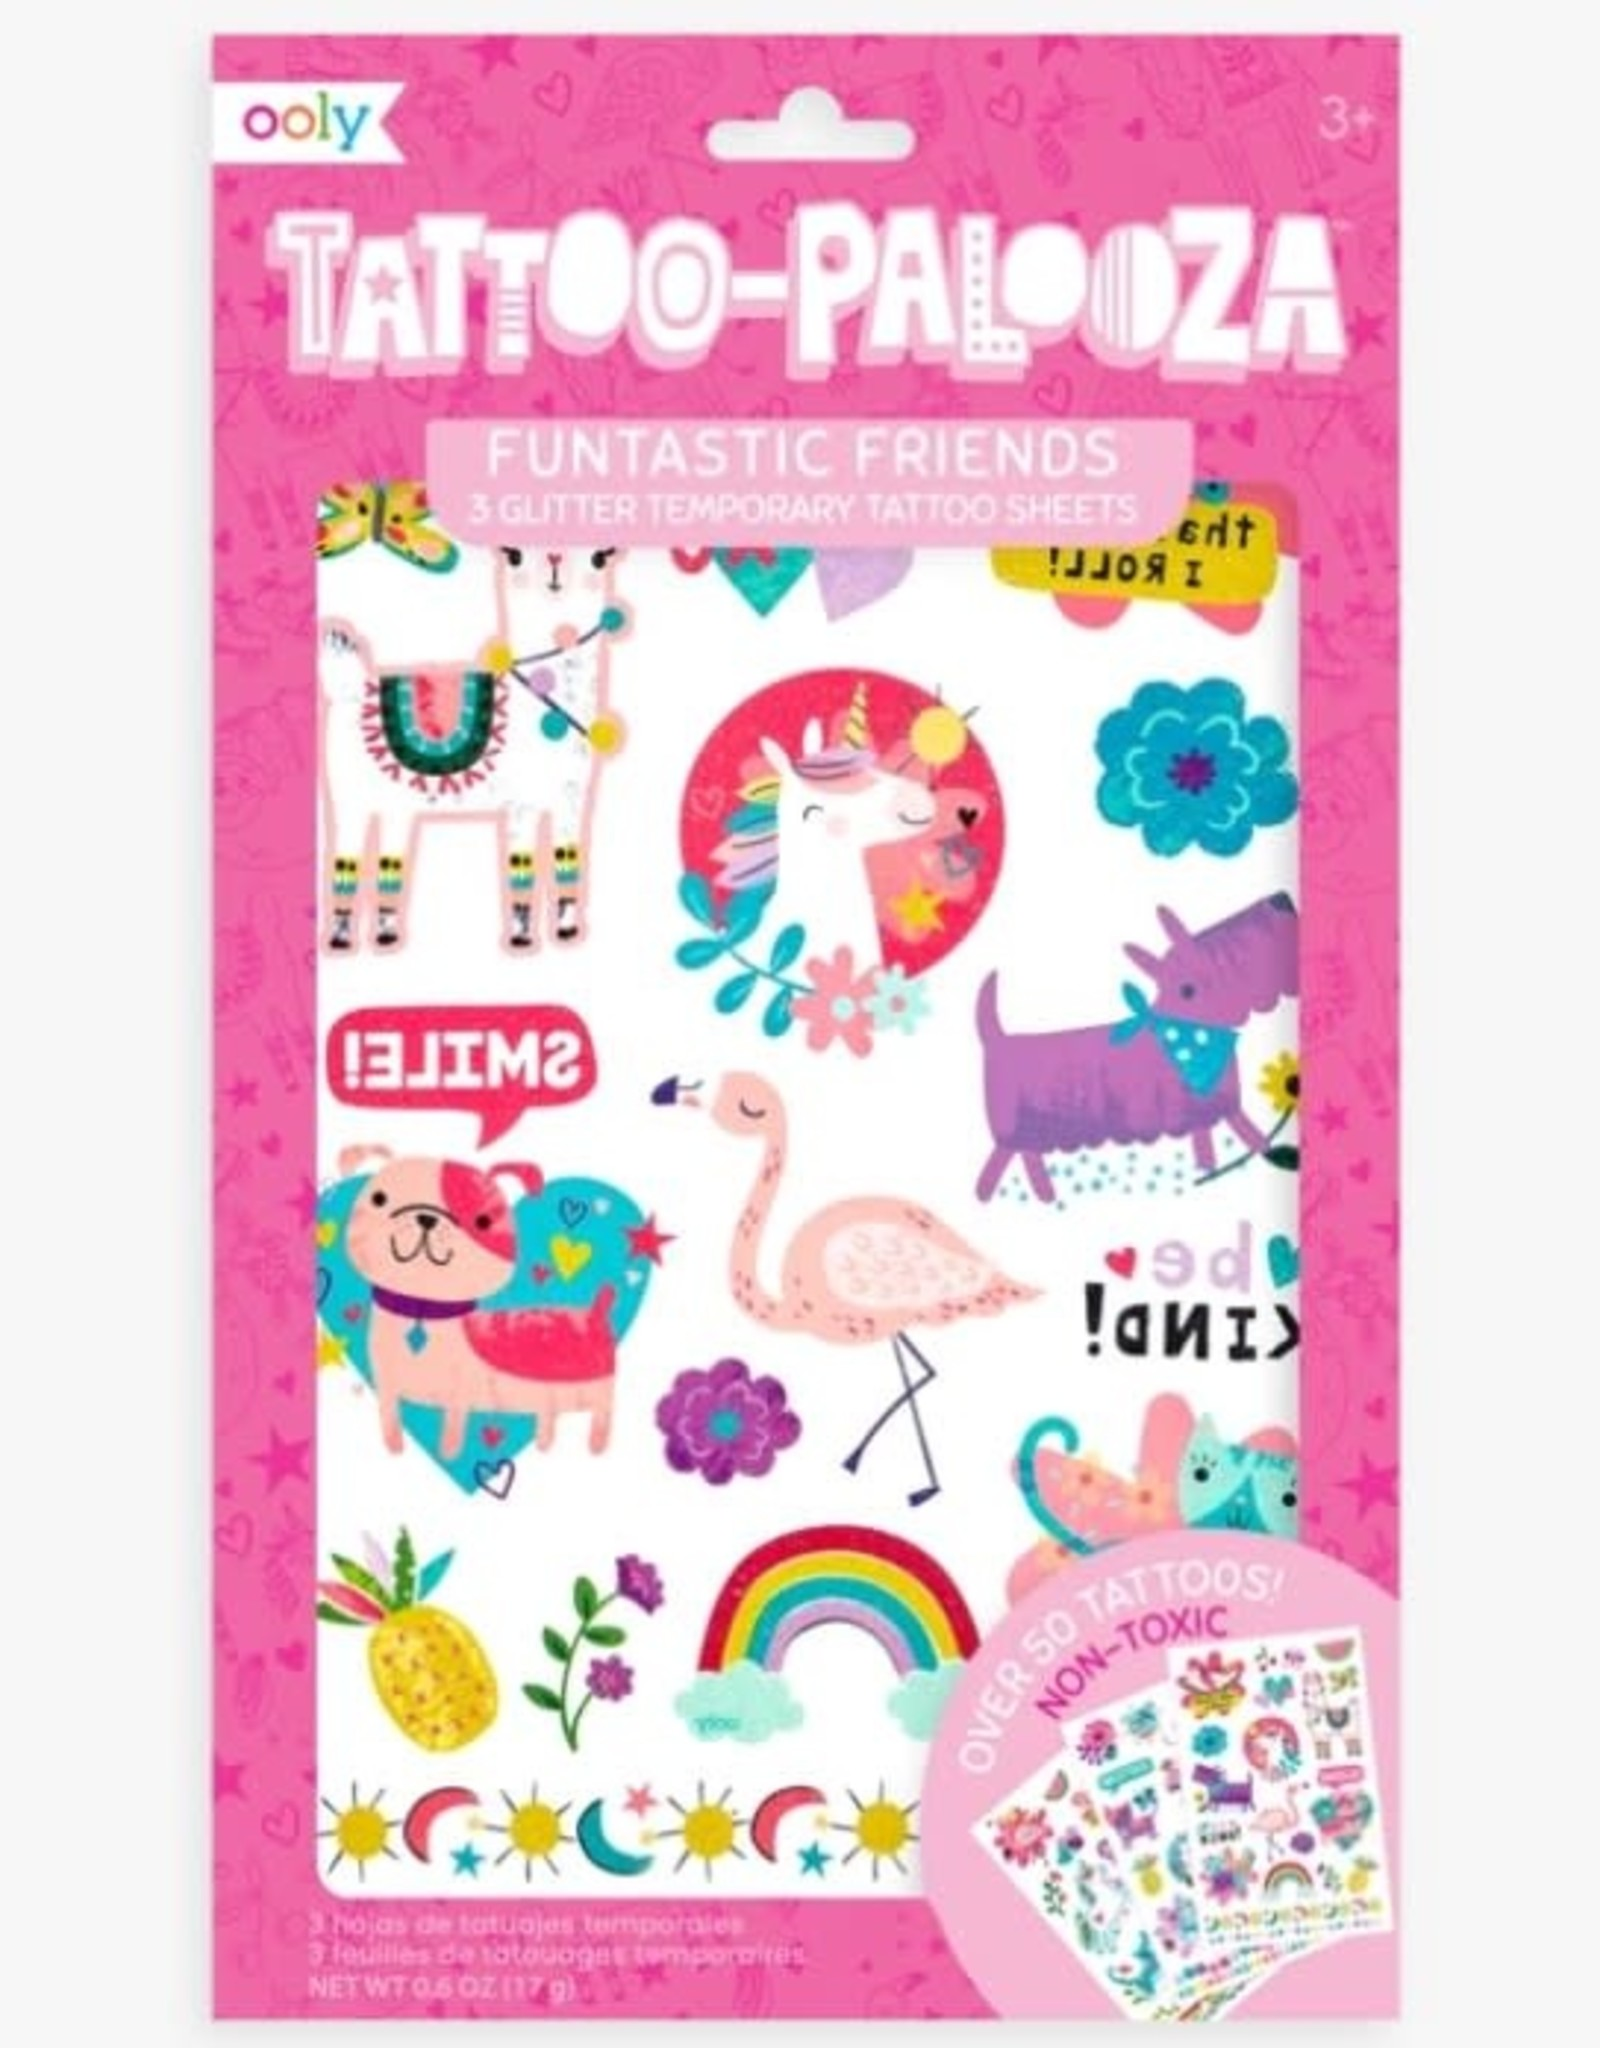 Ooly Tattoo Palooza Temporary Tattoos - Funtastic Friends